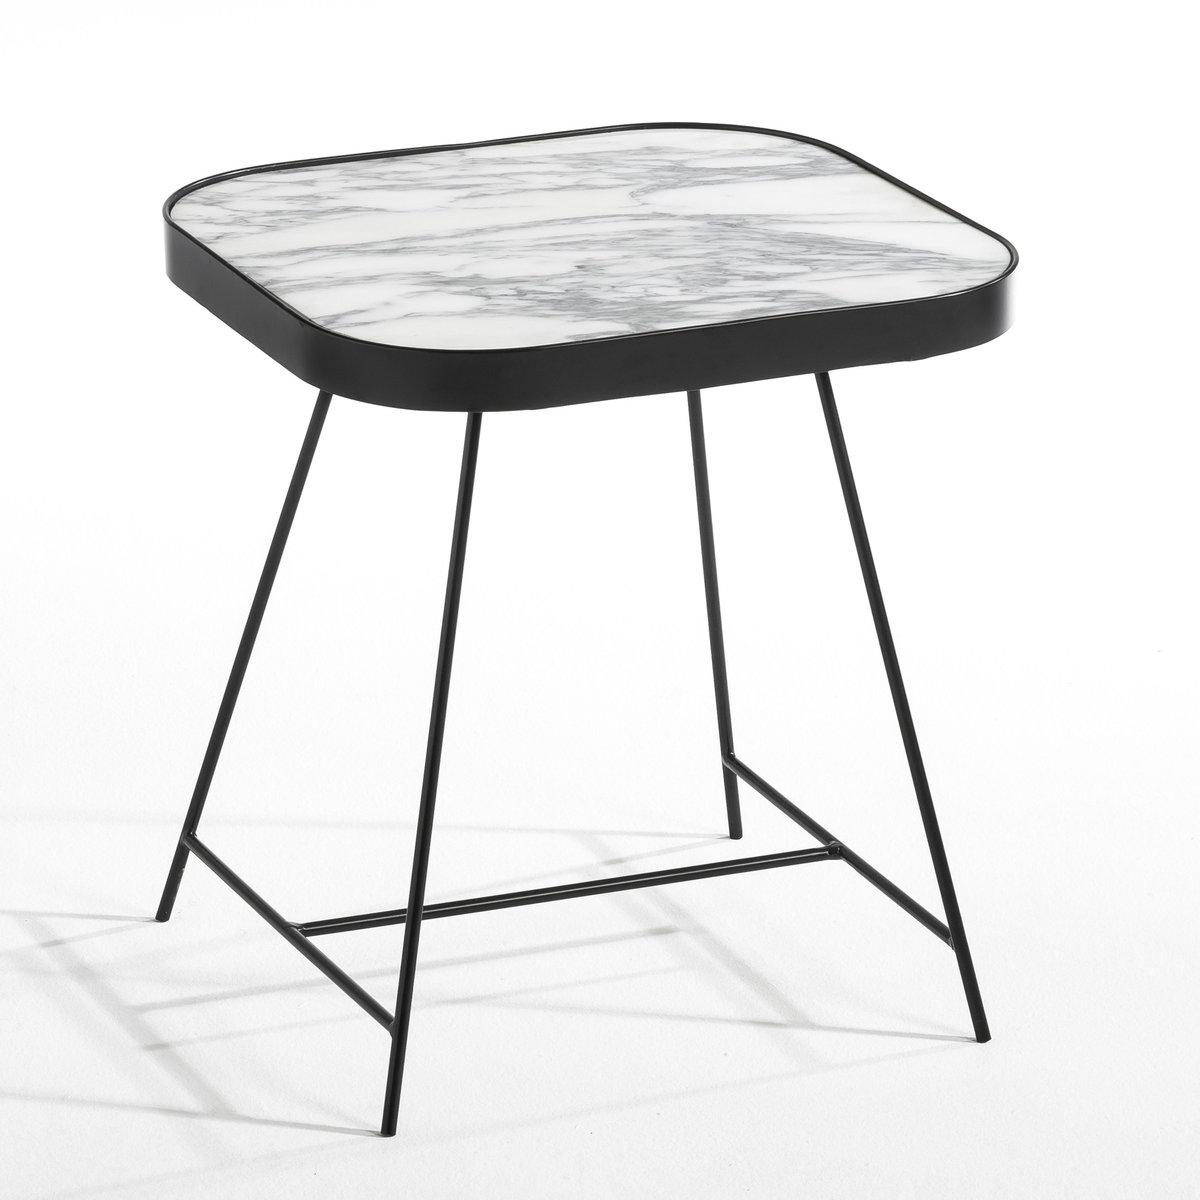 Столик диванный из мрамора Gemma, дизайн Э. Галлины столик диванный rozam